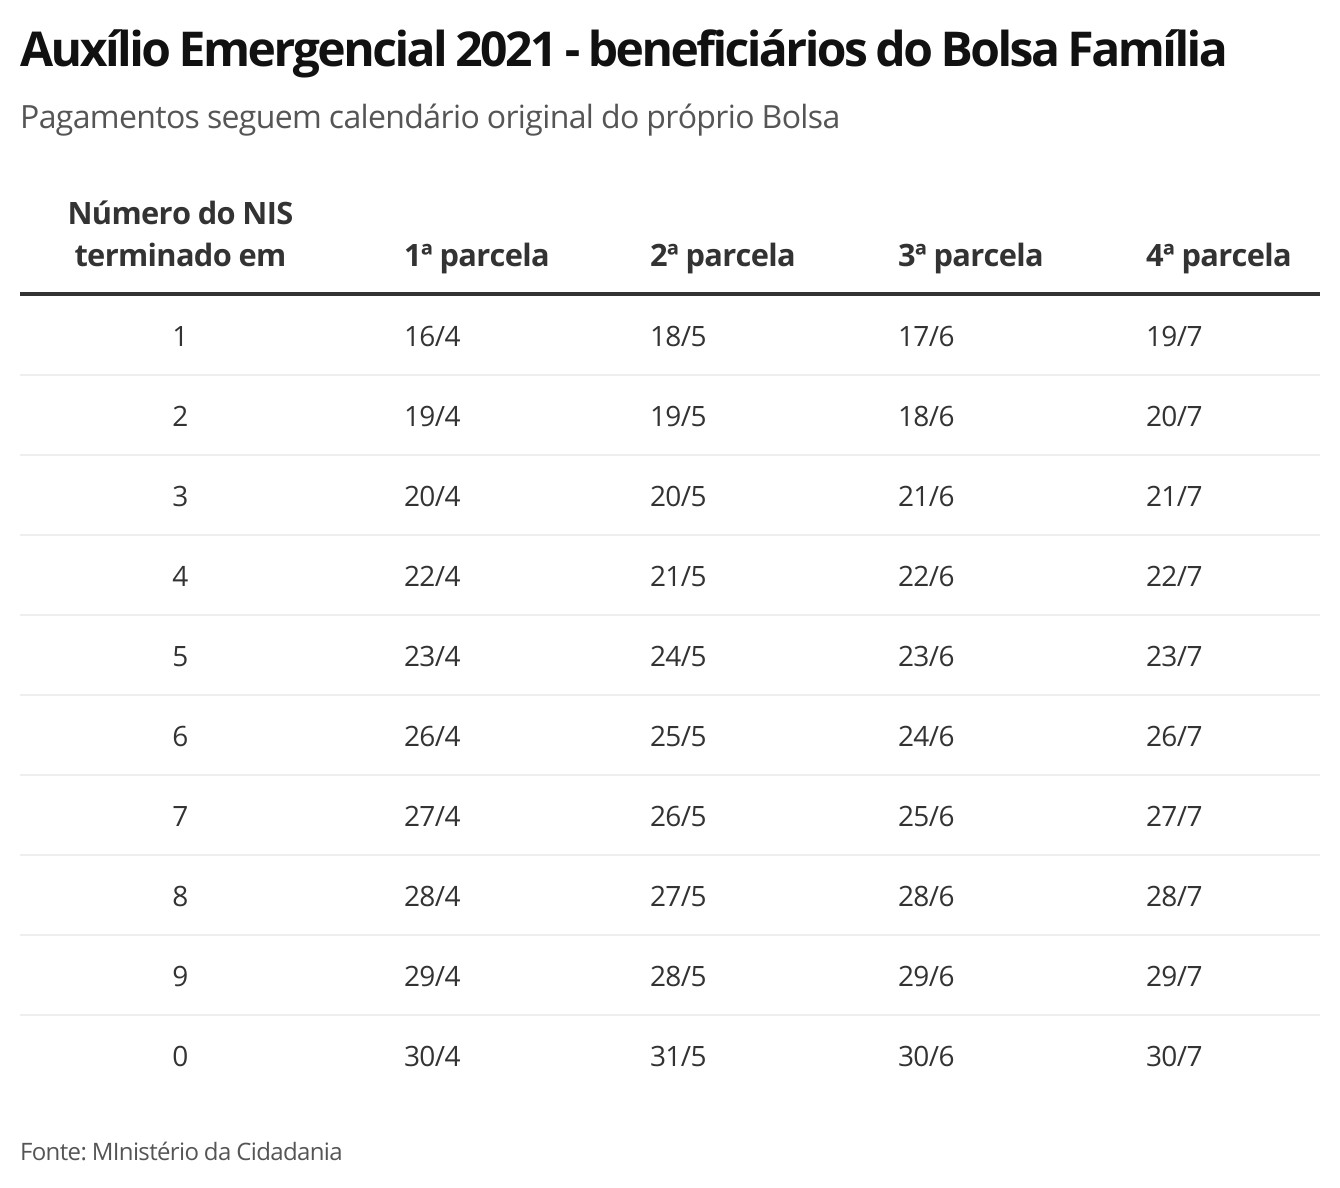 Auxílio Emergencial 2021: Caixa paga 1ª parcela a nascidos em julho e beneficiários do Bolsa Família com NIS final 3